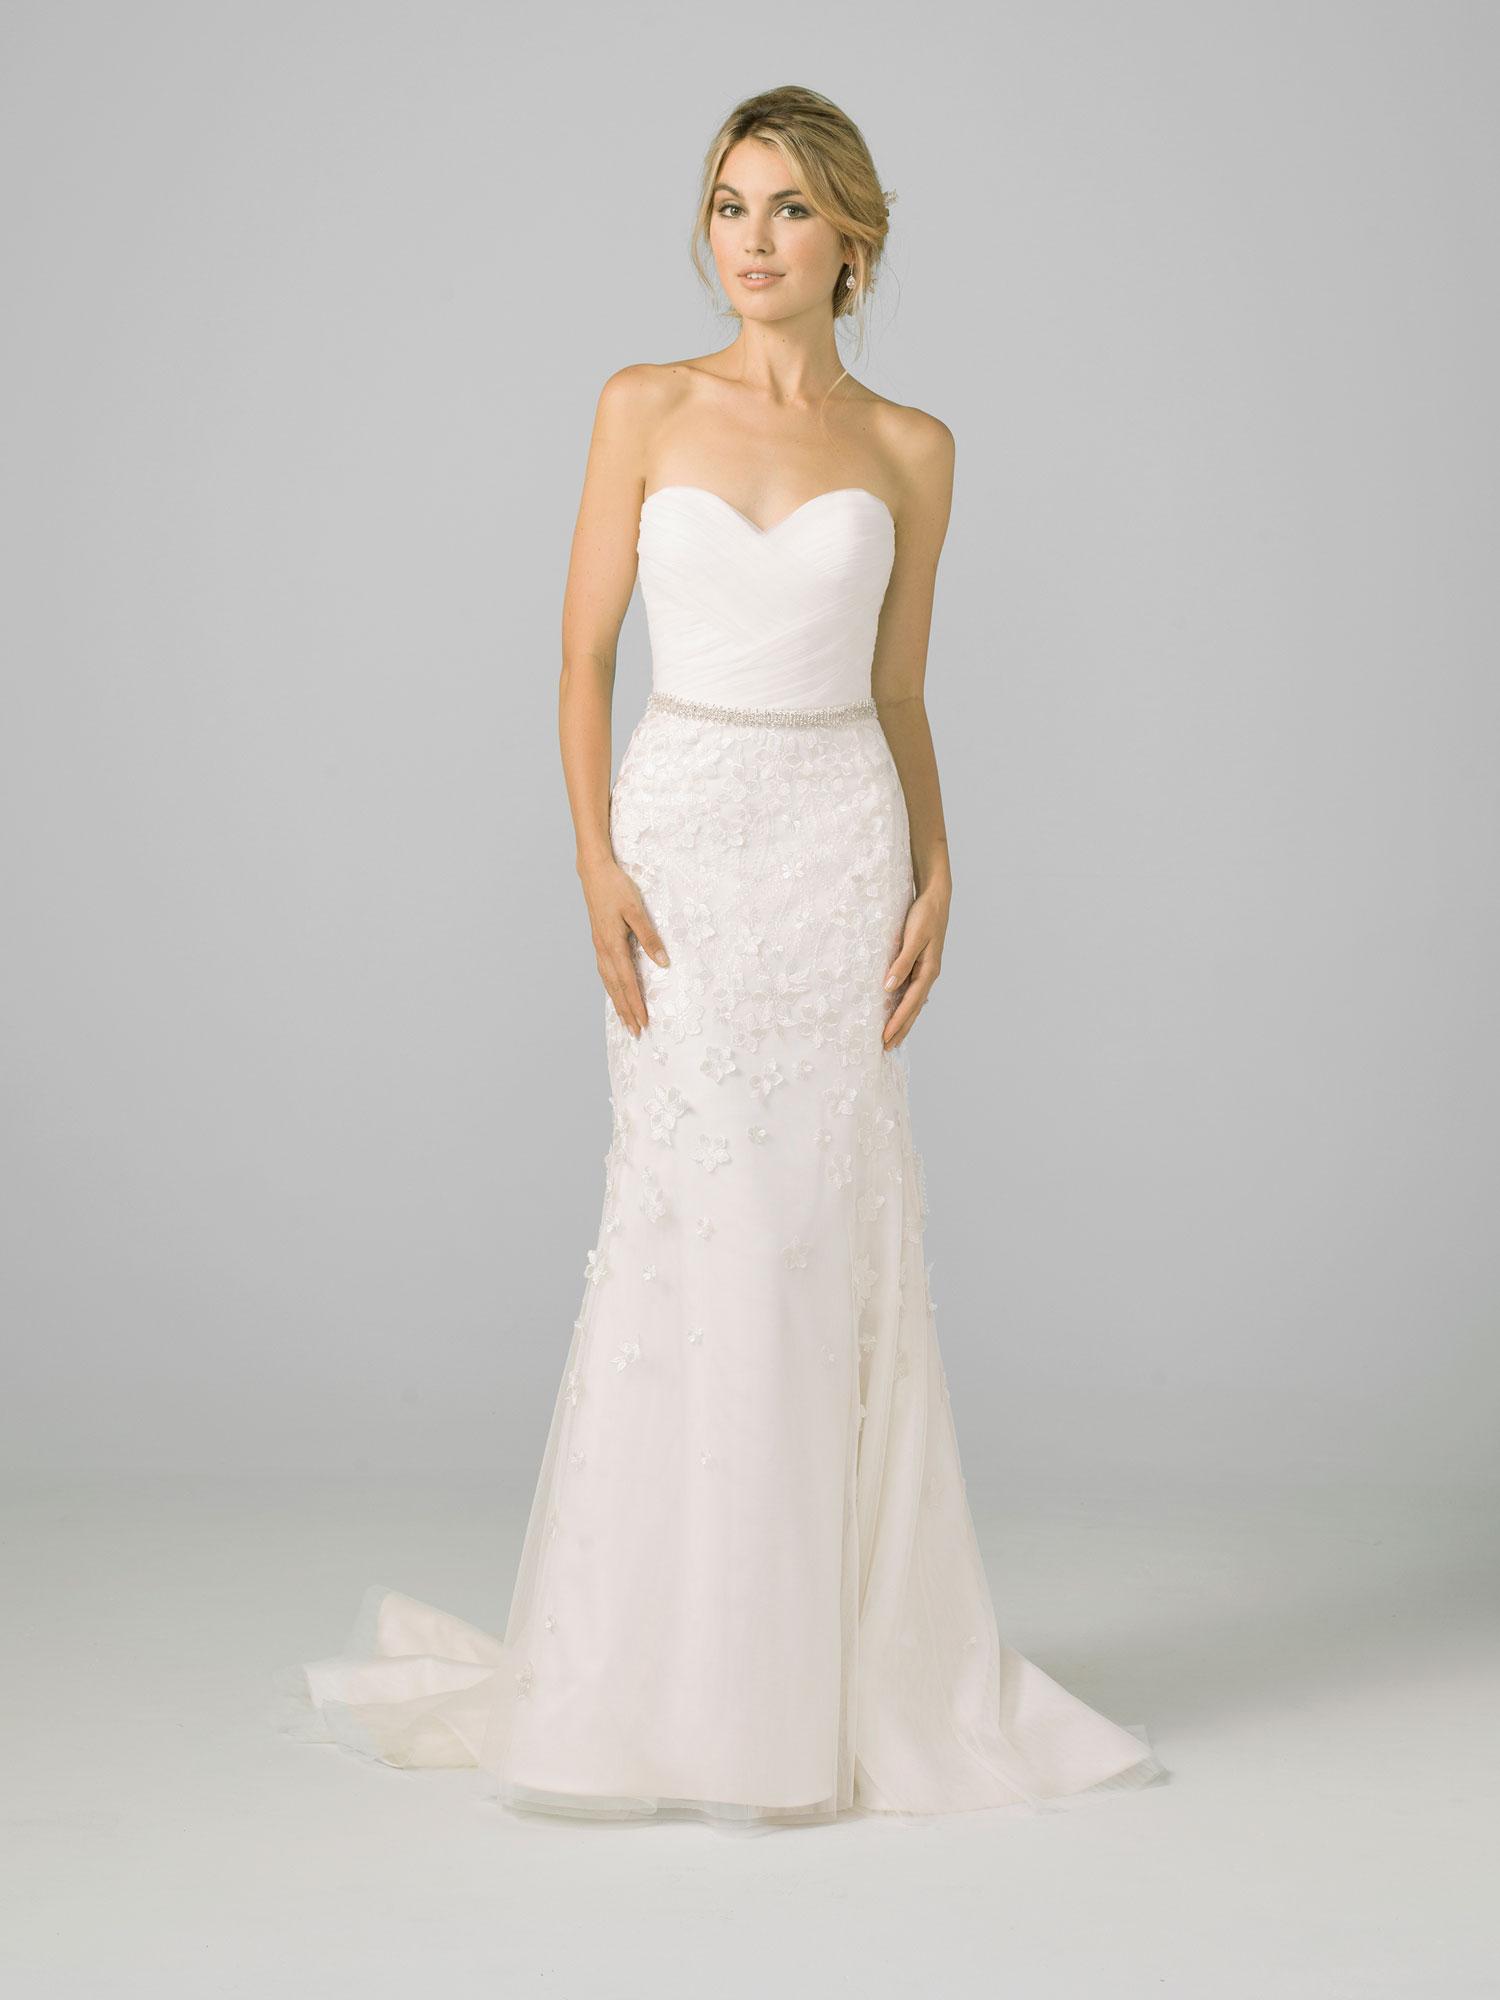 Strapless classic wedding dress sweetheart neckline Azul by Liancarlo